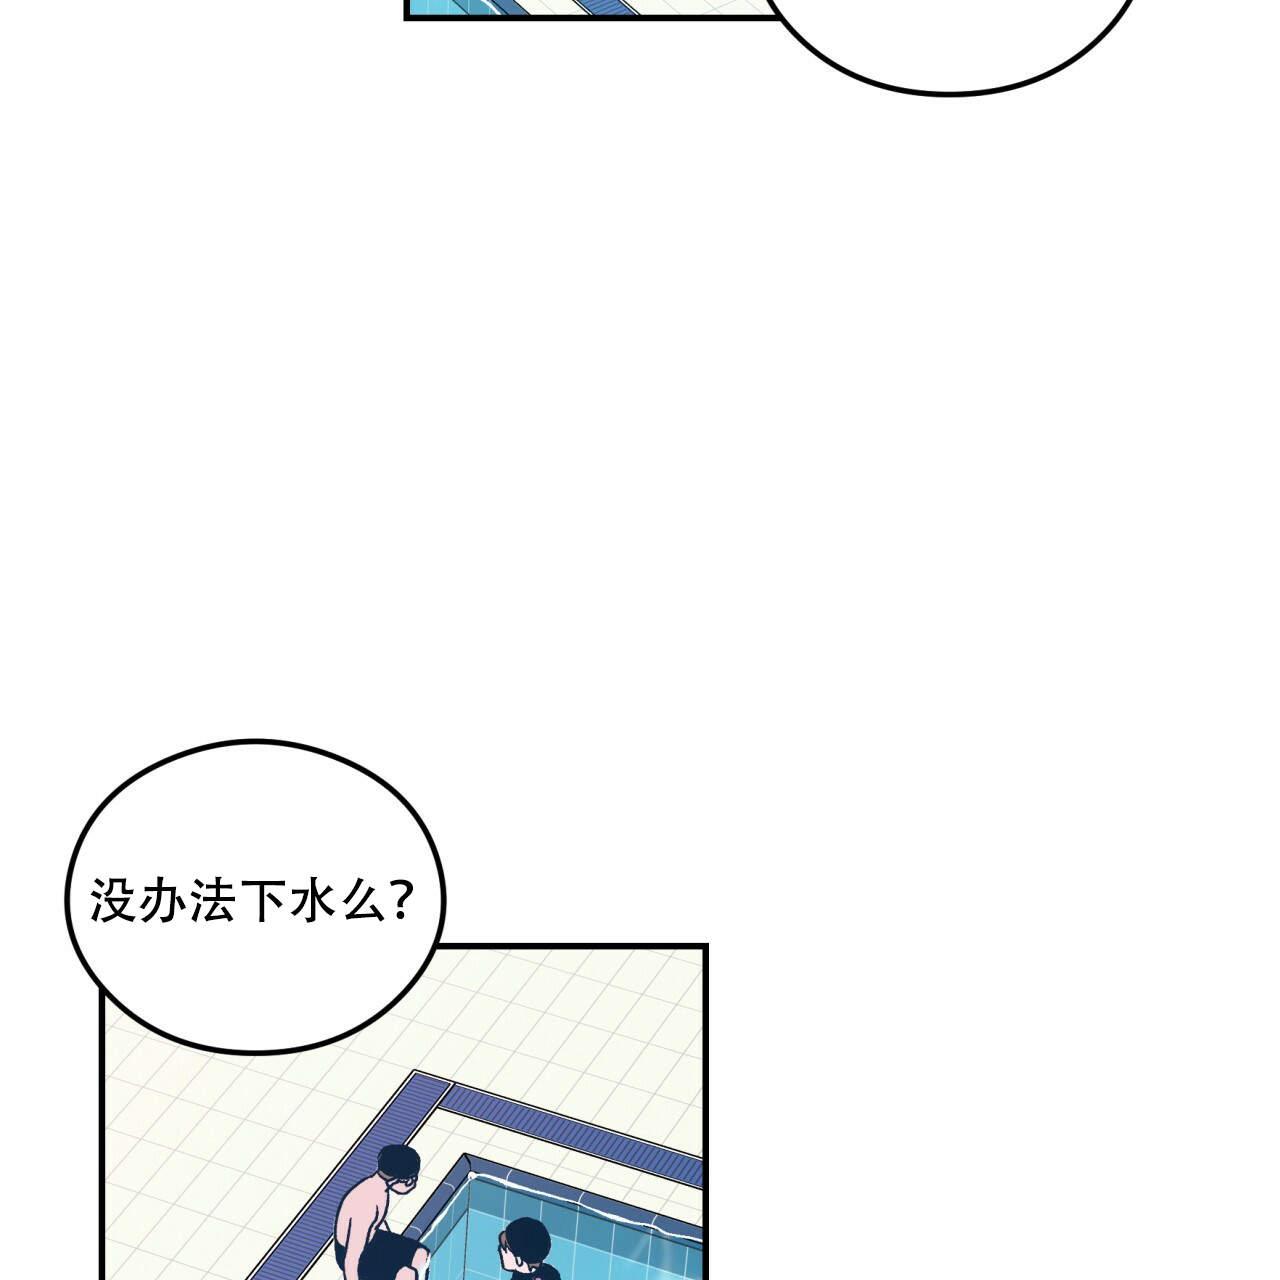 翻转-韩国漫画完整版汉化_在线免费阅读-啵乐漫画